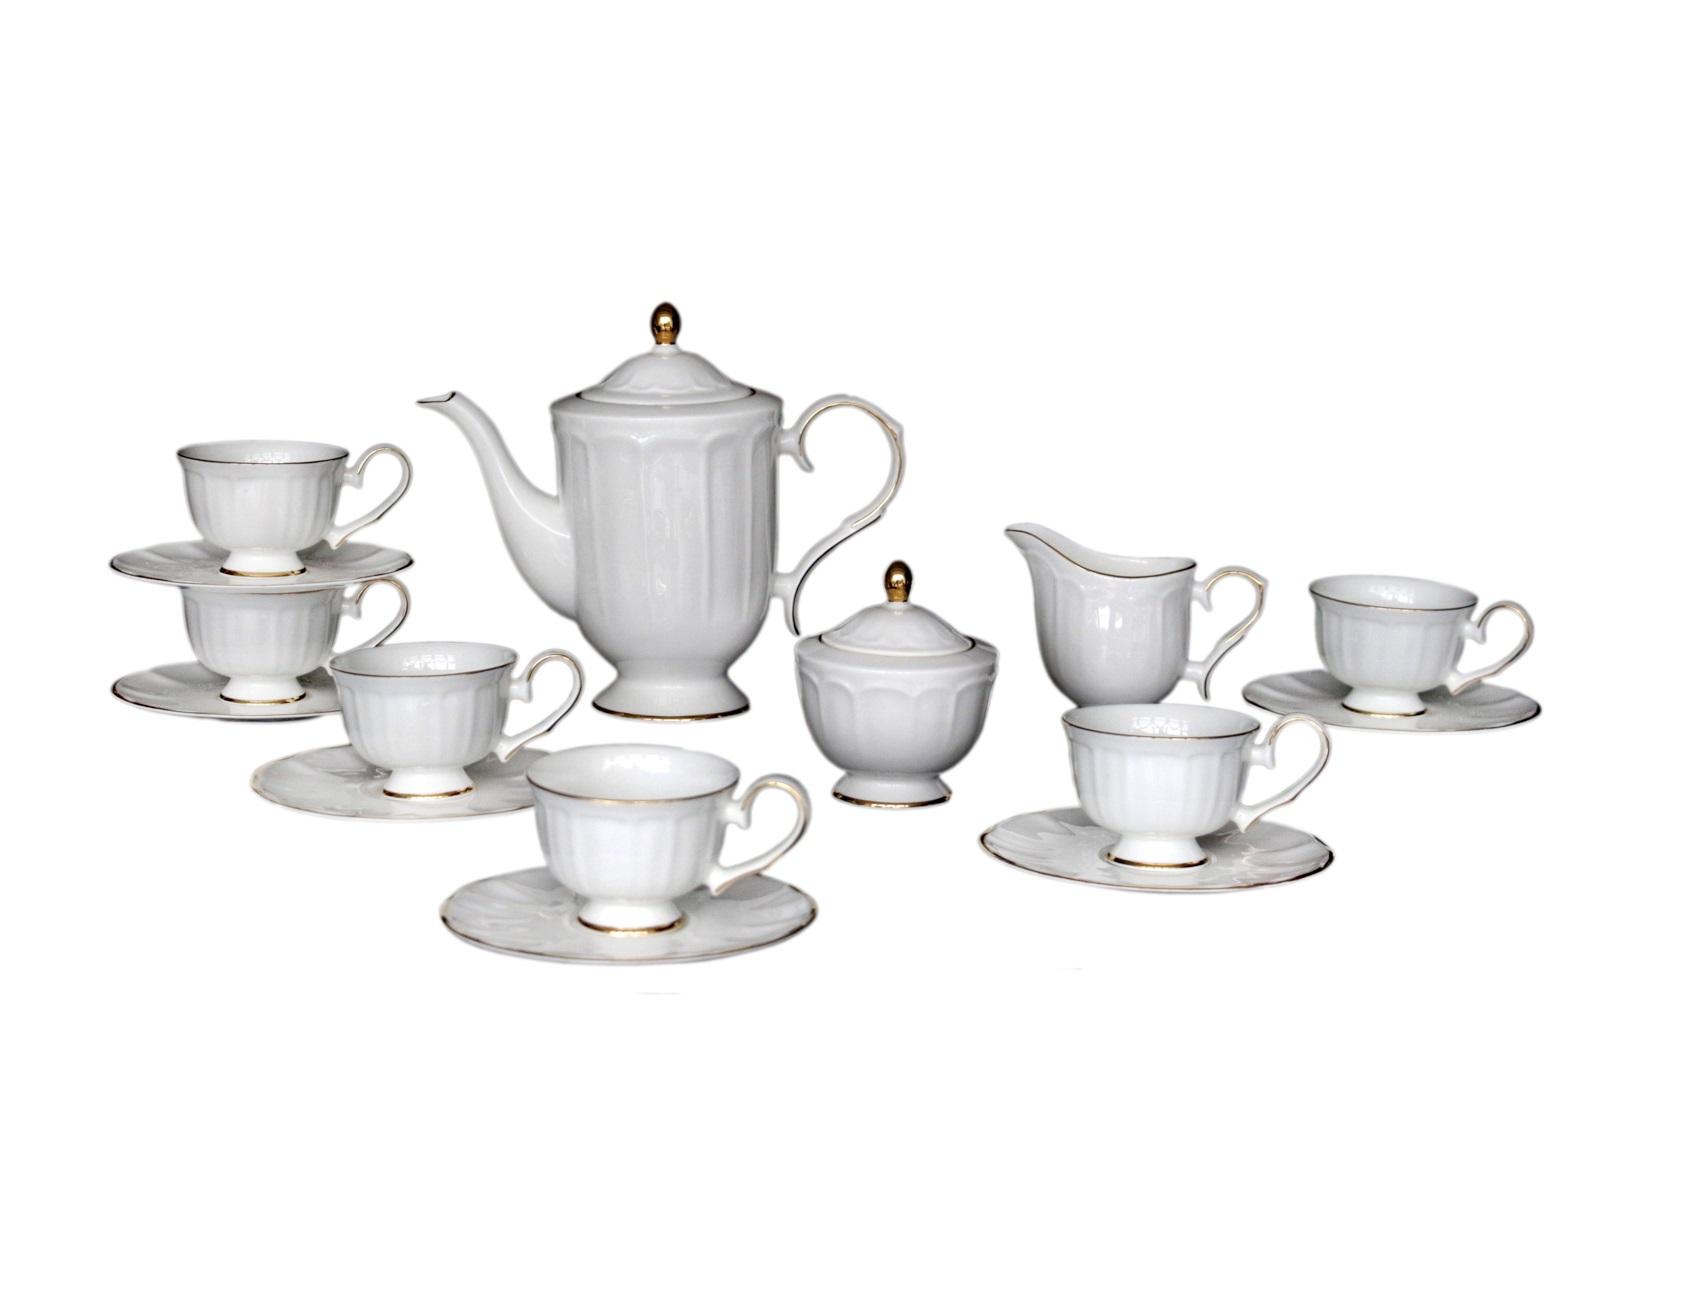 Чайный сервиз Jardine (17шт)Чайные сервизы<br>Этот набор посуды идеально подойдет для повседневного использования. Она отличается скромностью и элегантностью дизайна, а благородный светлый цвет и золотистое обрамление делают эту посуду классической.<br>&amp;amp;nbsp;<br>&amp;amp;nbsp;&amp;lt;div&amp;gt;&amp;lt;br&amp;gt;&amp;lt;/div&amp;gt;&amp;lt;div&amp;gt;В сервиз входят:&amp;amp;nbsp;&amp;lt;br&amp;gt;&amp;lt;/div&amp;gt;&amp;lt;div&amp;gt;Заварочный чайник: высота &amp;amp;nbsp;c крышкой 22 &amp;amp;nbsp;см, ширина 26 &amp;amp;nbsp;см, глубина 12,5 см;<br>&amp;amp;nbsp;&amp;lt;/div&amp;gt;&amp;lt;div&amp;gt;&amp;amp;nbsp;6 блюдец: диаметр 16 см, высота 1,2 см;<br>&amp;amp;nbsp;&amp;amp;nbsp;&amp;lt;/div&amp;gt;&amp;lt;div&amp;gt;6 чашек: высота 6,6 см, ширина: 12 см, глубина: 9 см;<br>&amp;amp;nbsp;&amp;amp;nbsp;&amp;lt;/div&amp;gt;&amp;lt;div&amp;gt;1 сахарница: высота 11,5 см, ширина: 10,5 см,, глубина: 10,5 см;<br>&amp;amp;nbsp;&amp;amp;nbsp;&amp;lt;/div&amp;gt;&amp;lt;div&amp;gt;1 сливочник: высота: 9,2 см, ширина 14 см, глубина: 6,5 см.&amp;amp;nbsp;&amp;lt;/div&amp;gt;&amp;lt;div&amp;gt;&amp;lt;br&amp;gt;&amp;lt;/div&amp;gt;&amp;lt;div&amp;gt;Материал Костяной фарфор.&amp;lt;/div&amp;gt;<br><br>Material: Фарфор<br>Width см: None<br>Depth см: None<br>Height см: None